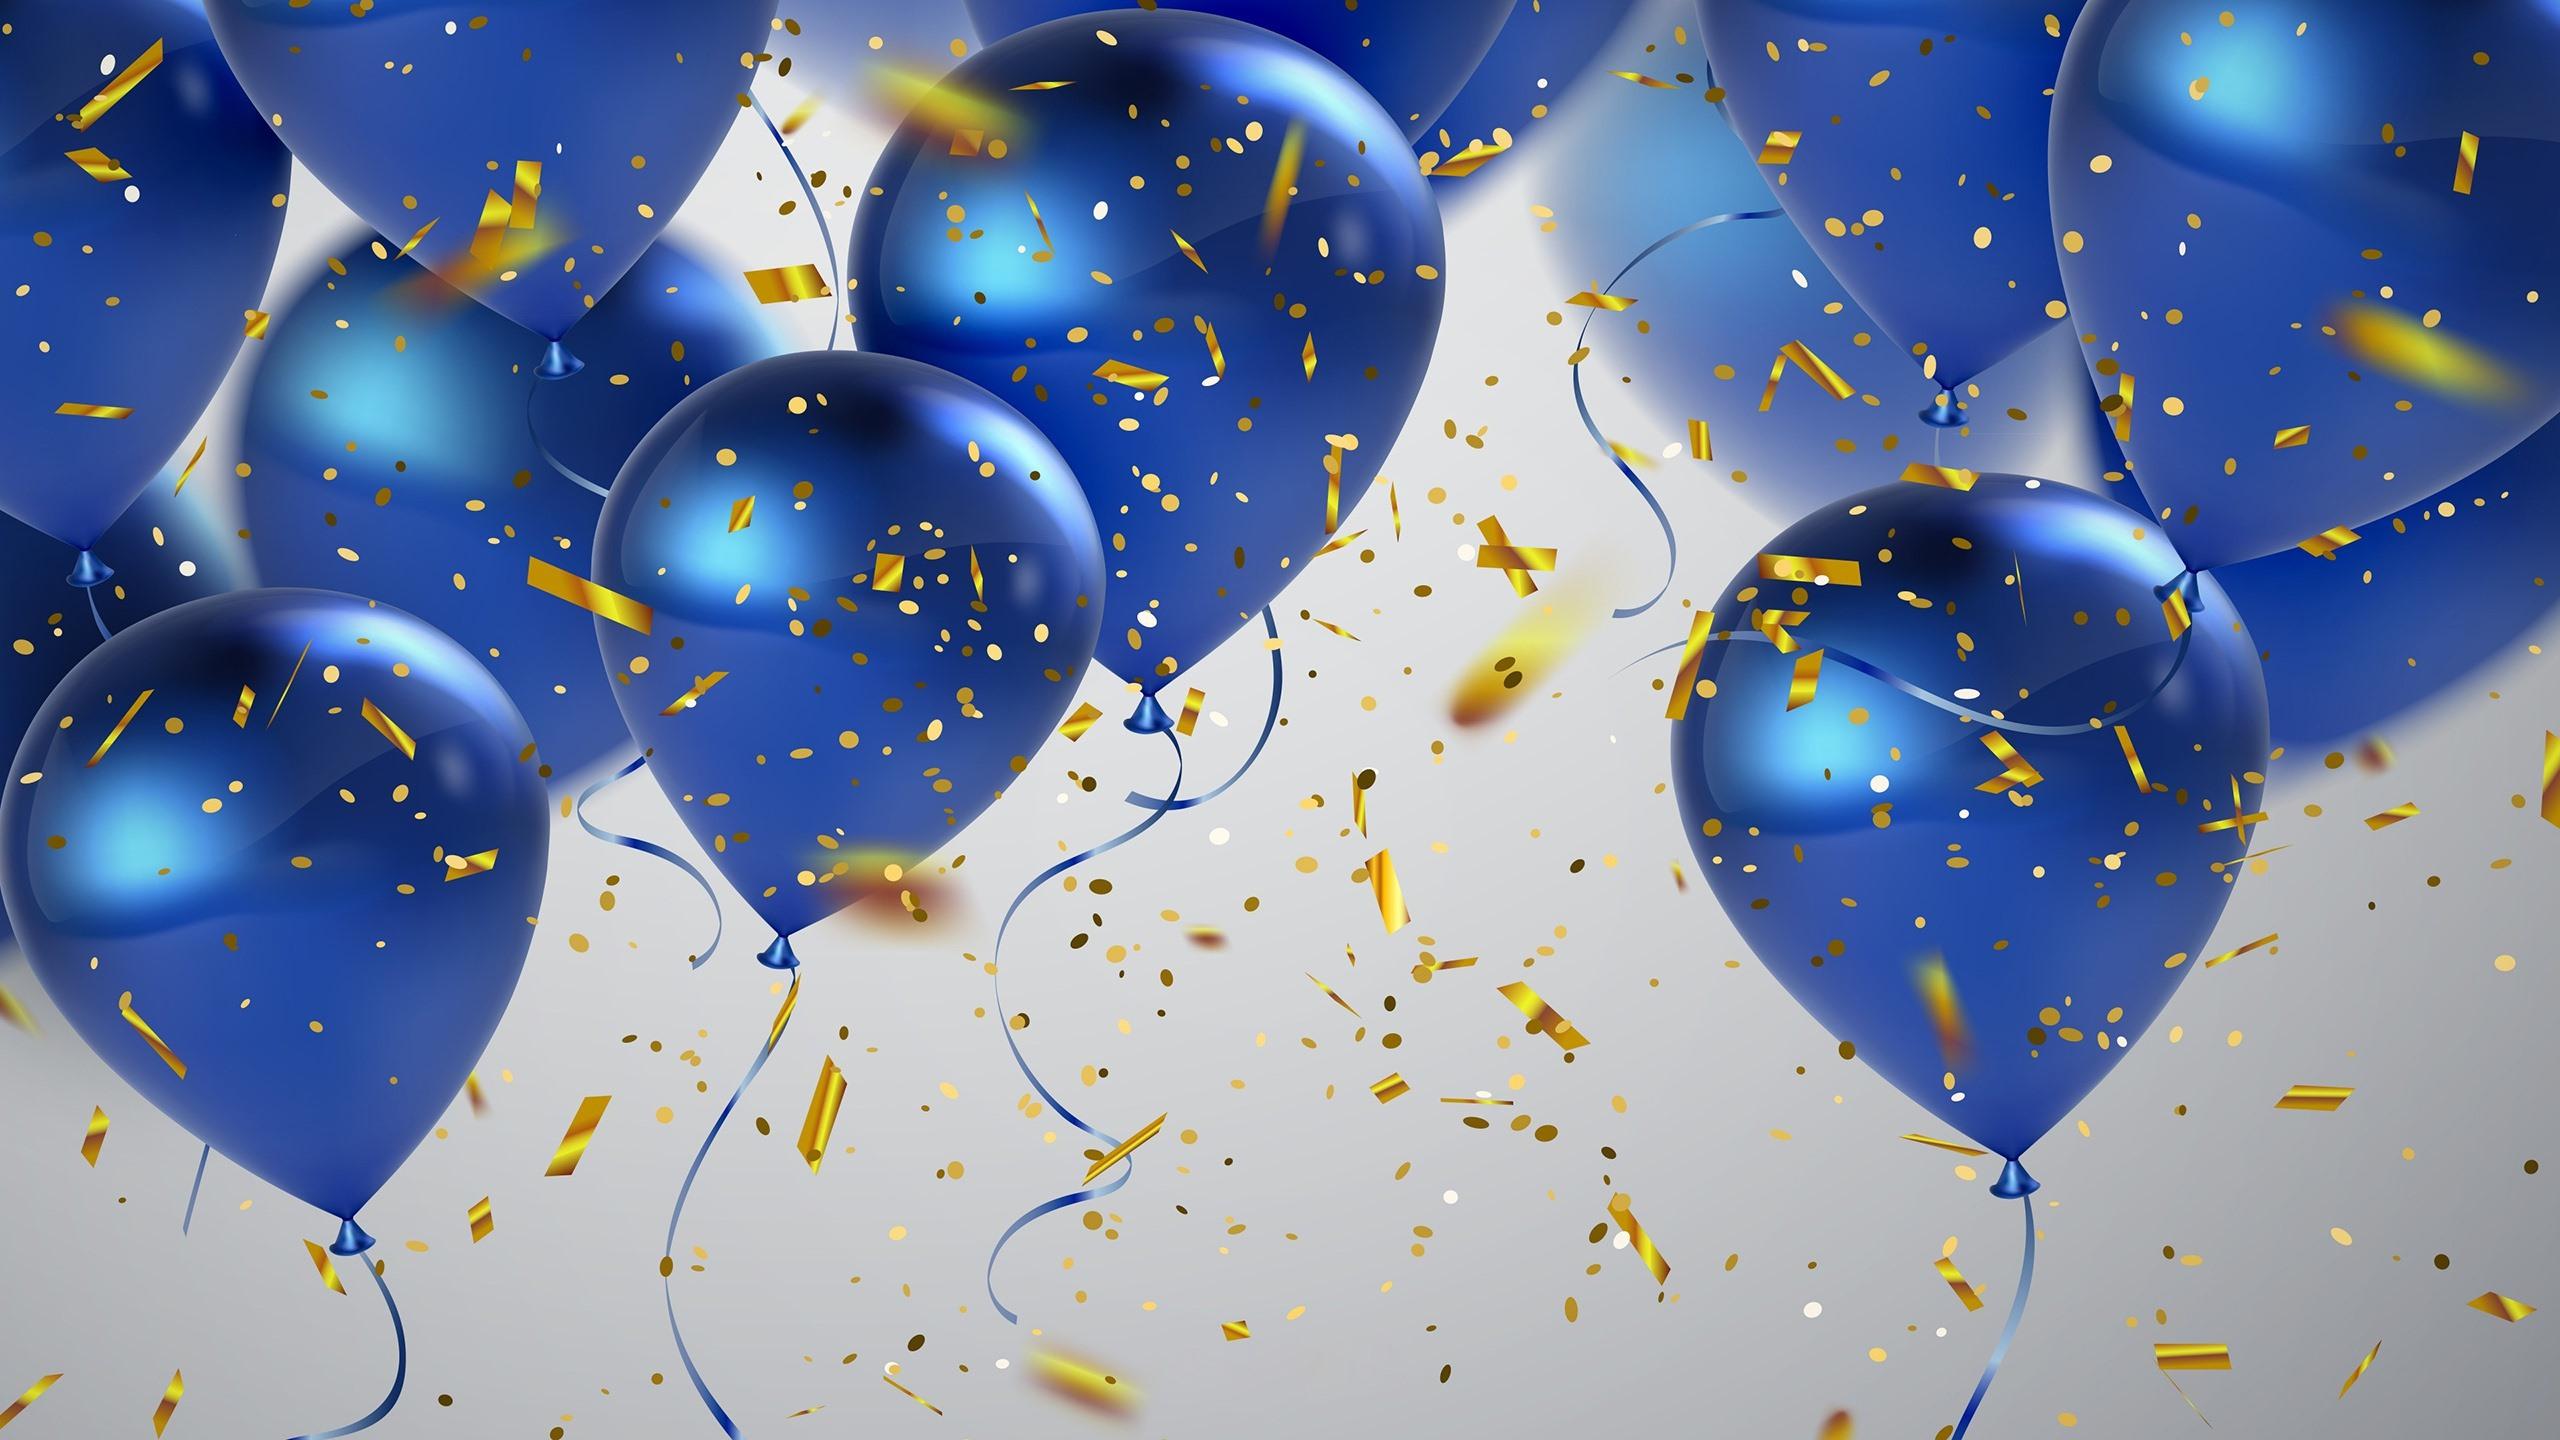 поздравление с днем рождения на голубом фоне